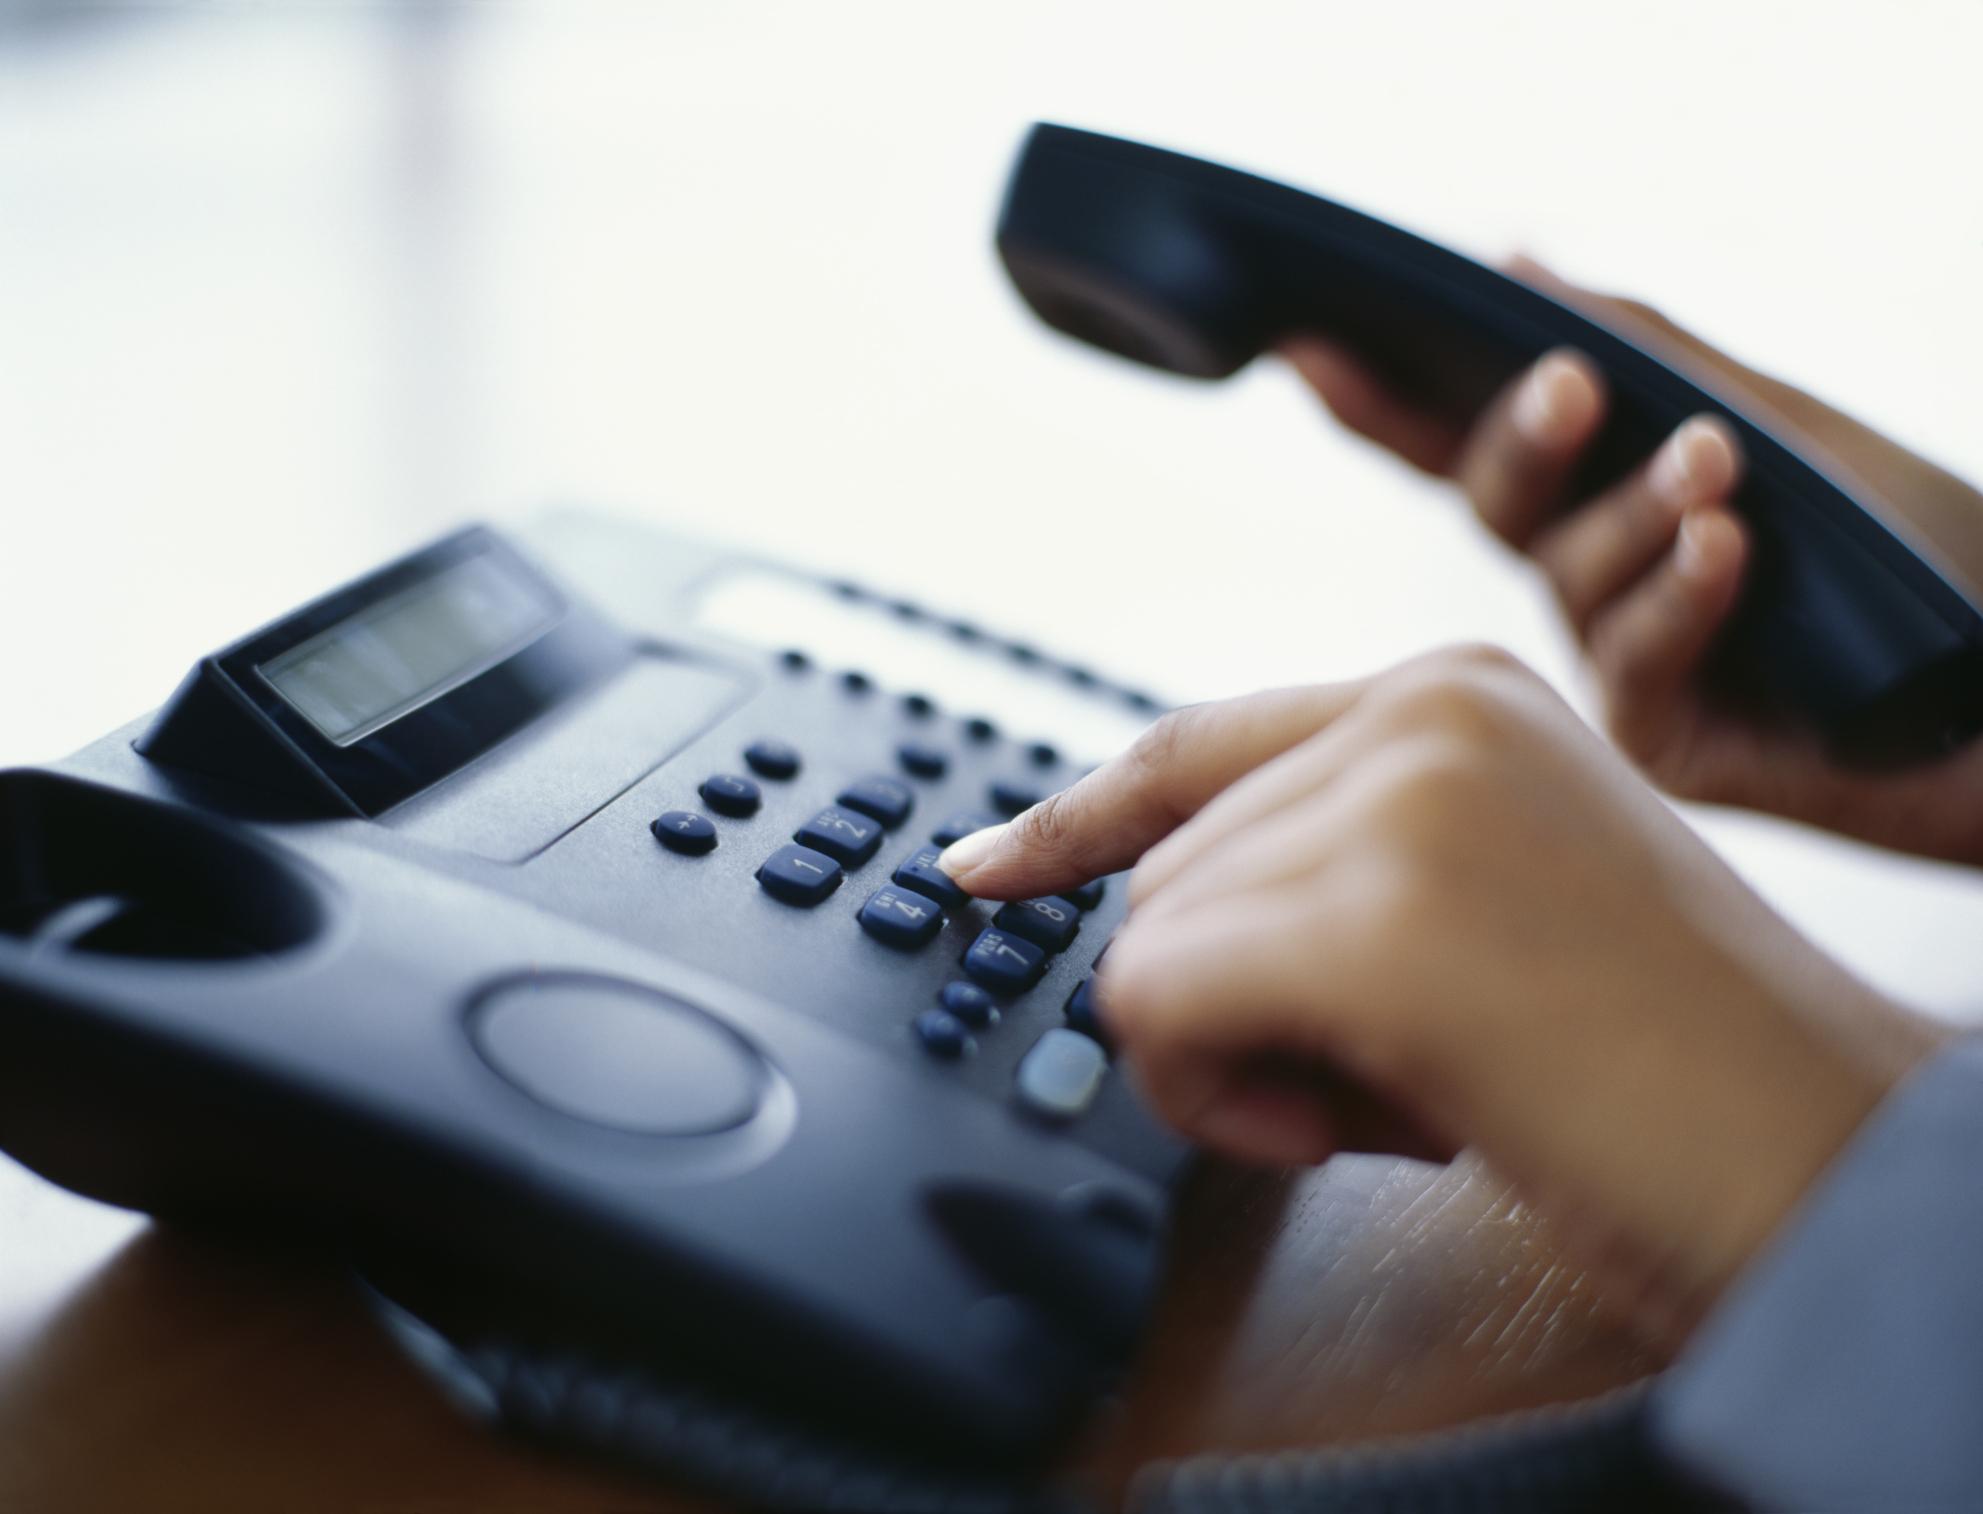 Bientôt la fin du Téléphone fixe